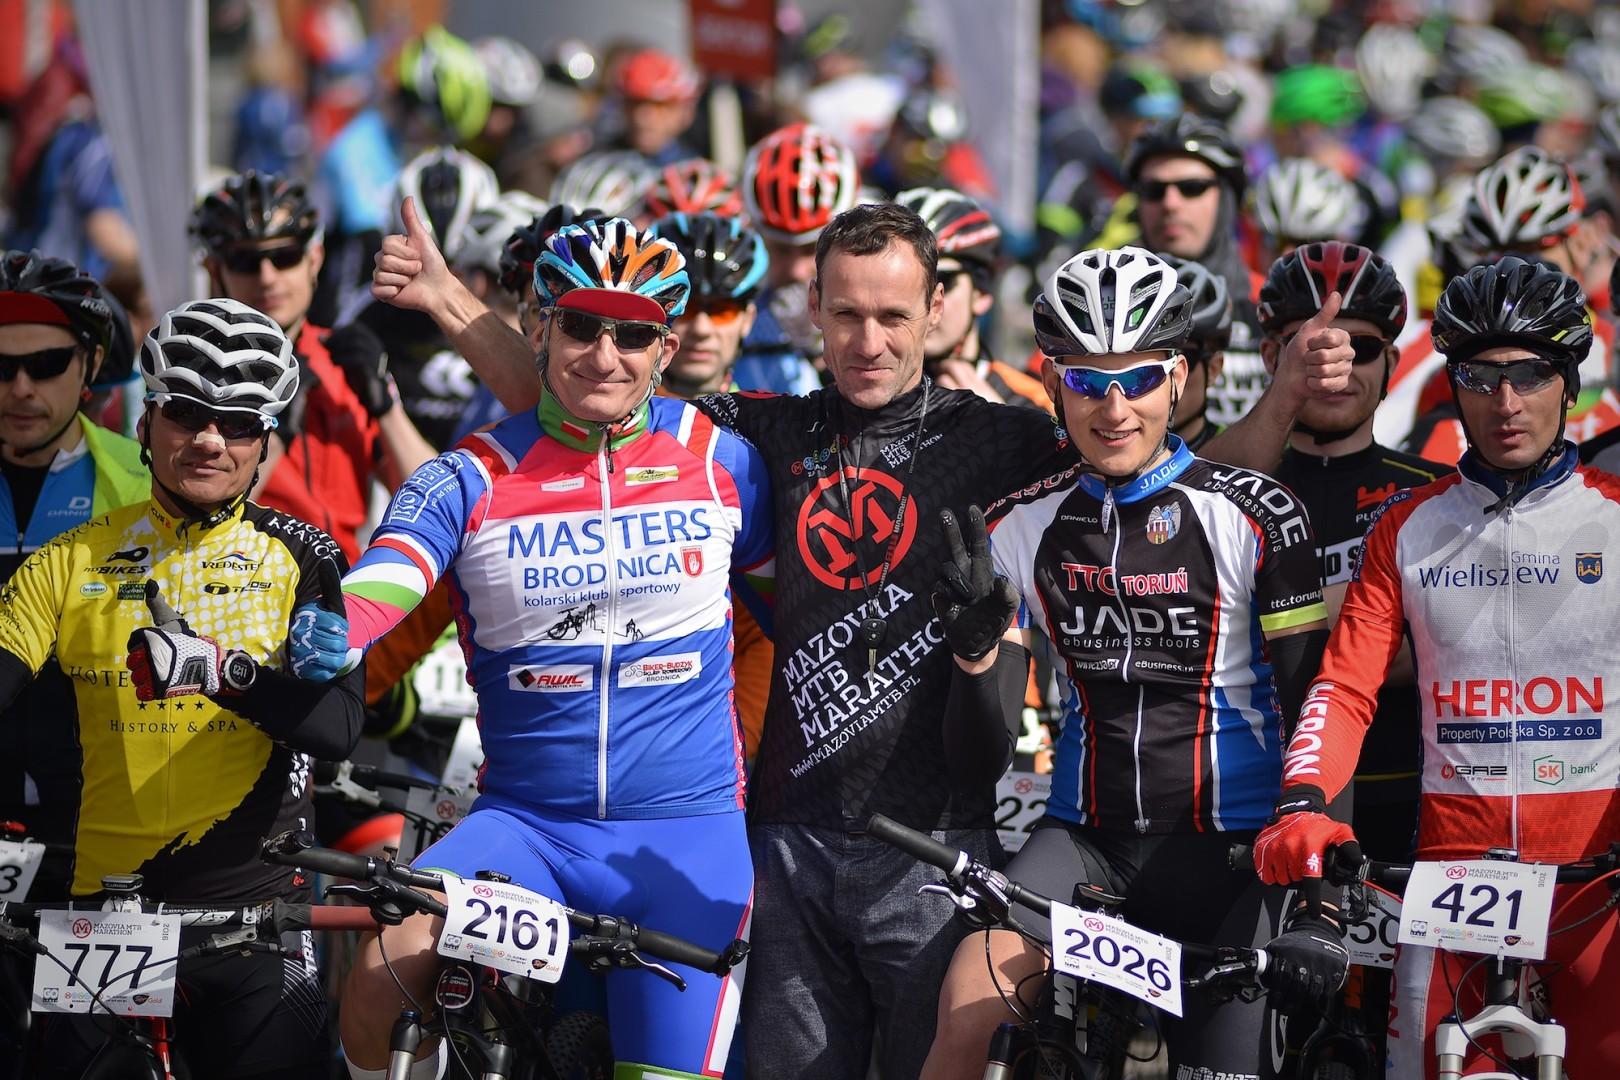 Cezary Zamana: postawiliśmy na większe zaangażowanie lokalnych grup rowerowych